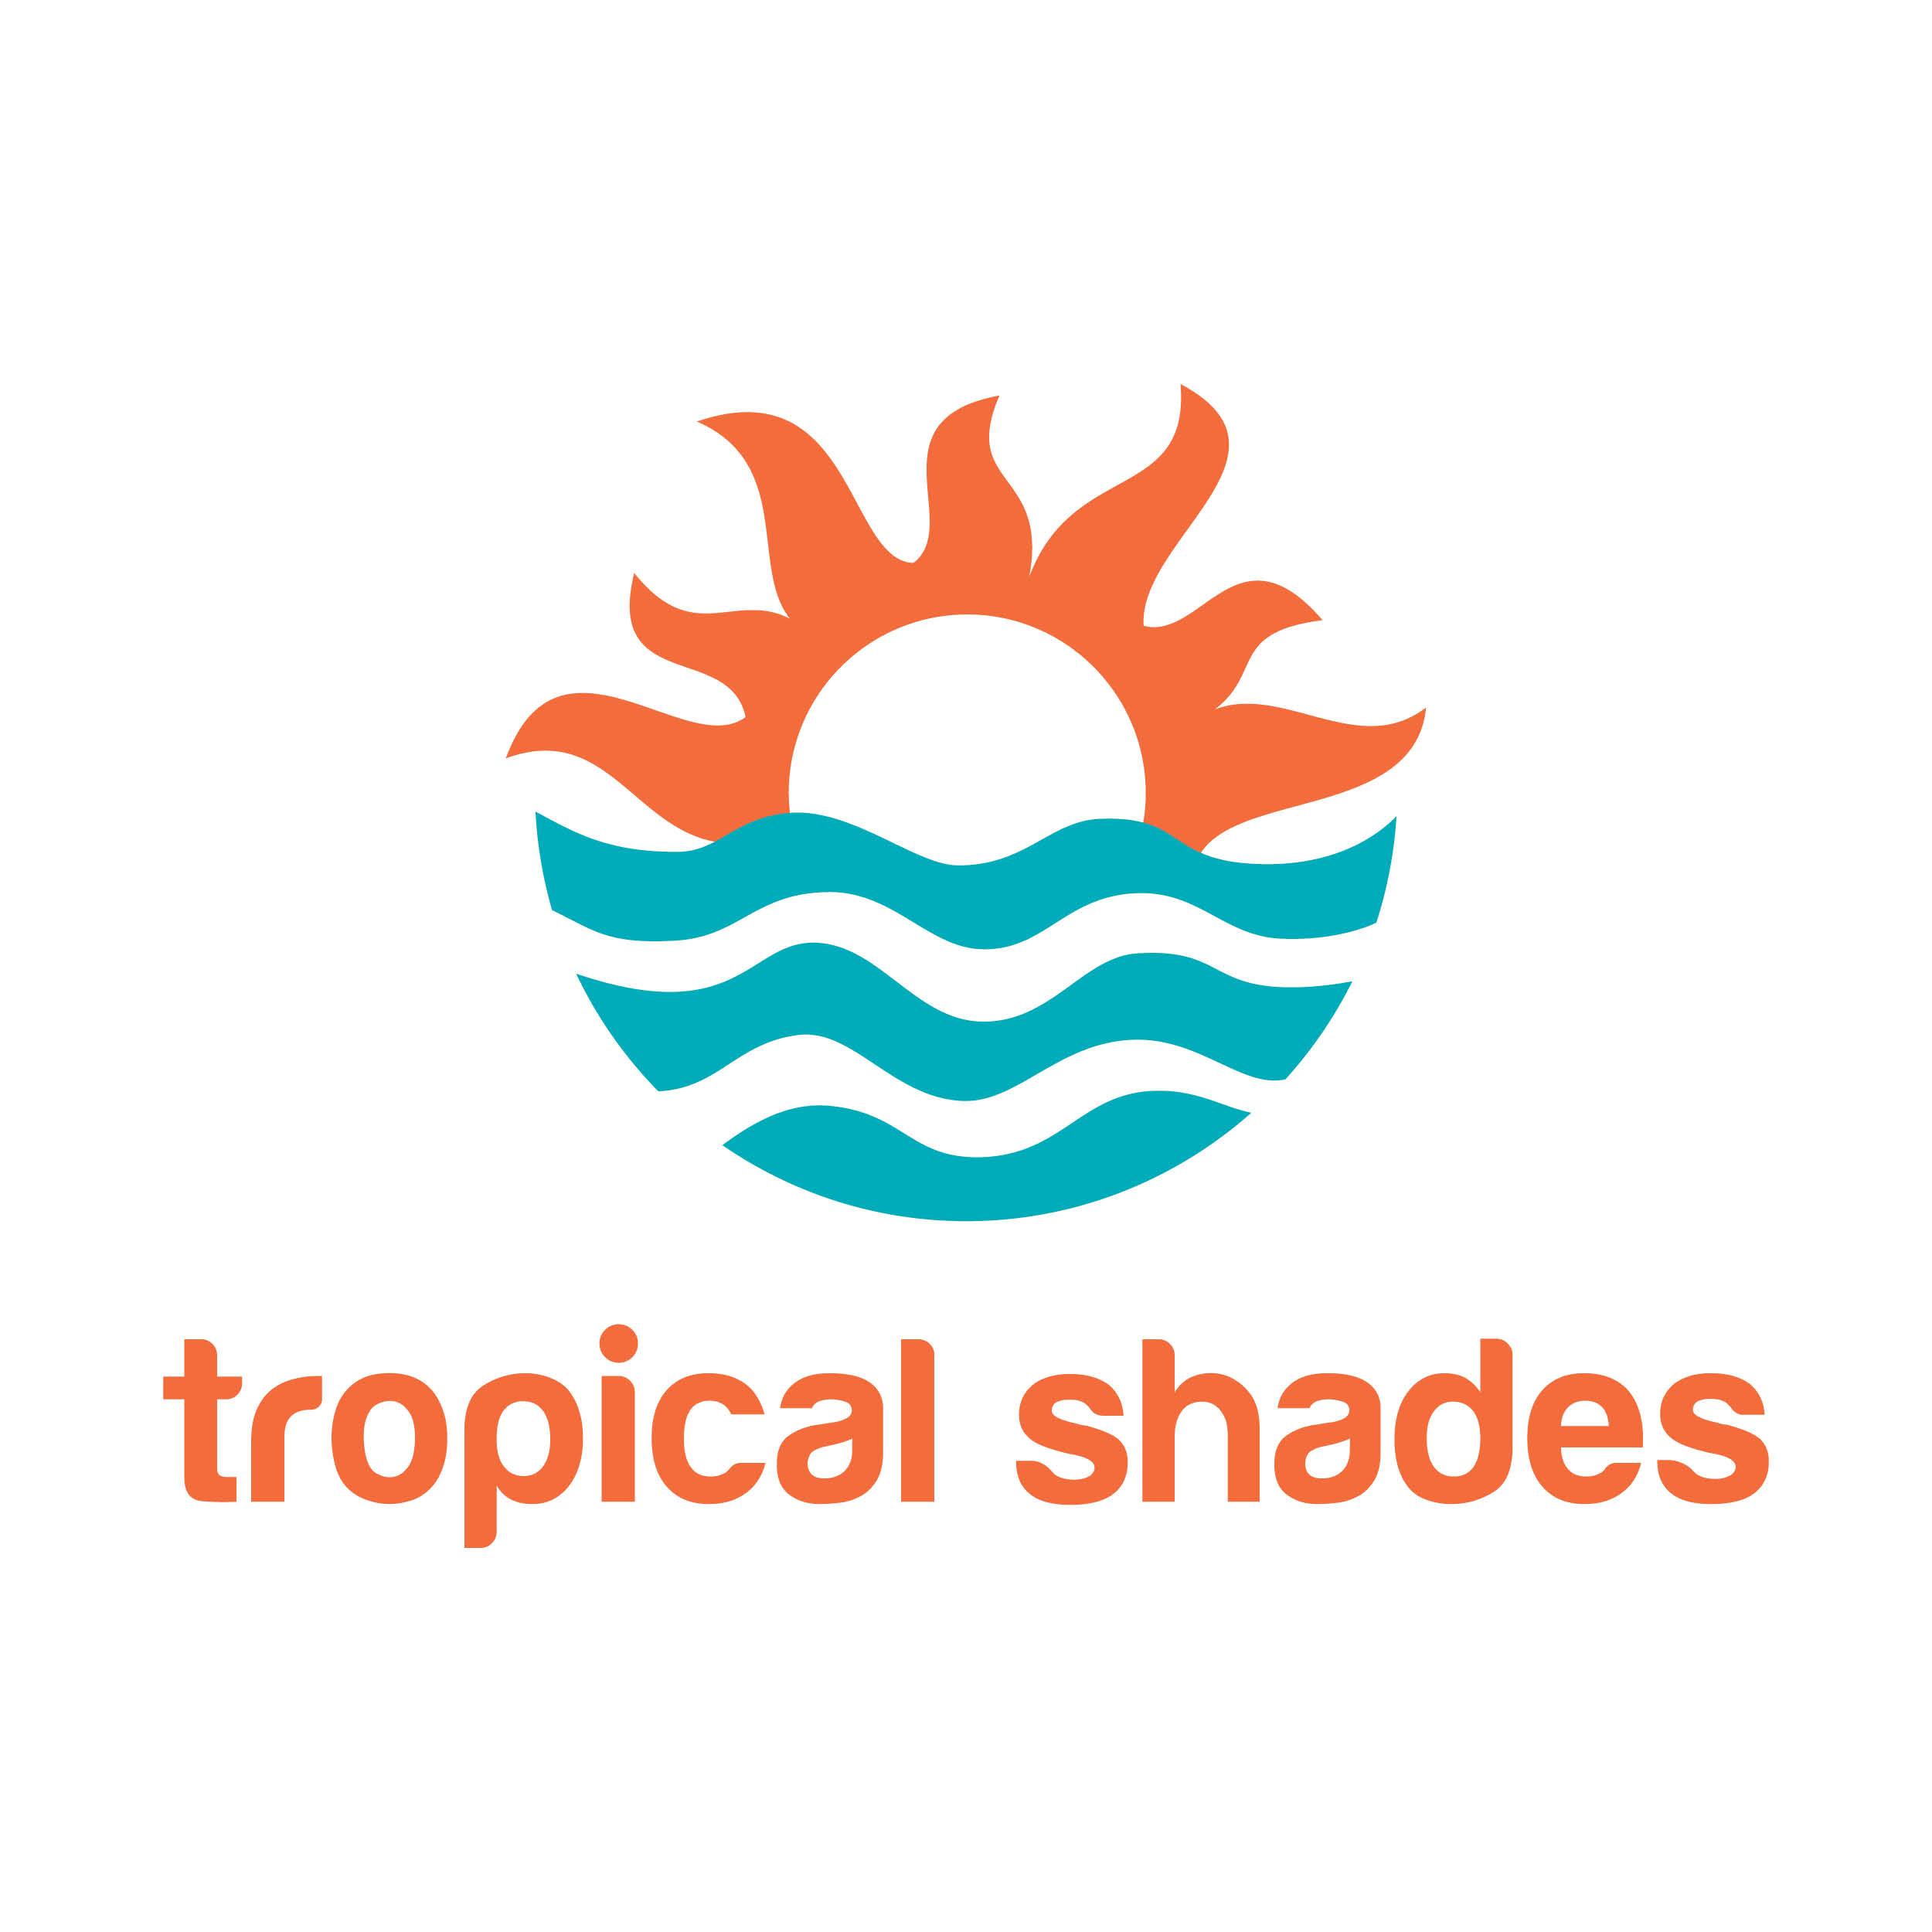 Tropical Shades.jpg